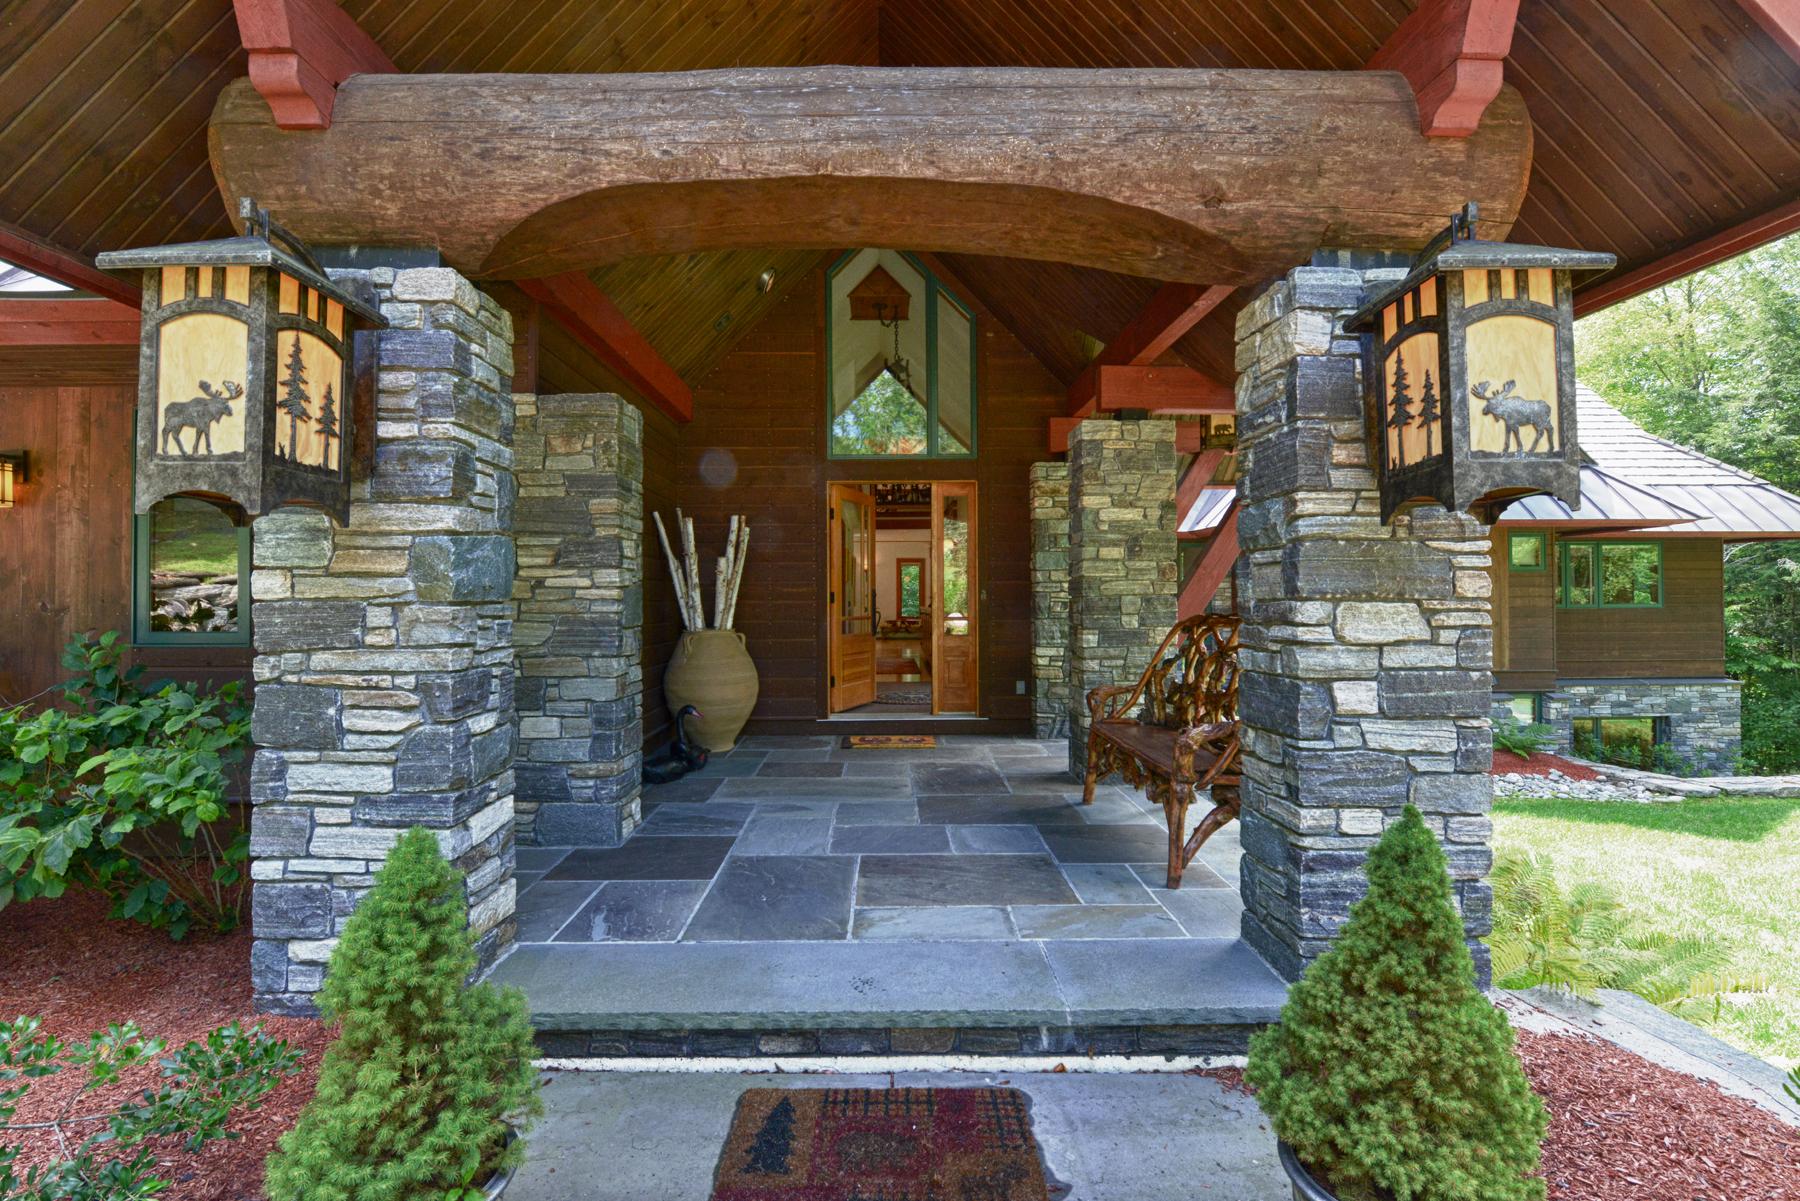 独户住宅 为 销售 在 40 East Ash Road 普利茅斯, 佛蒙特州 05056 美国